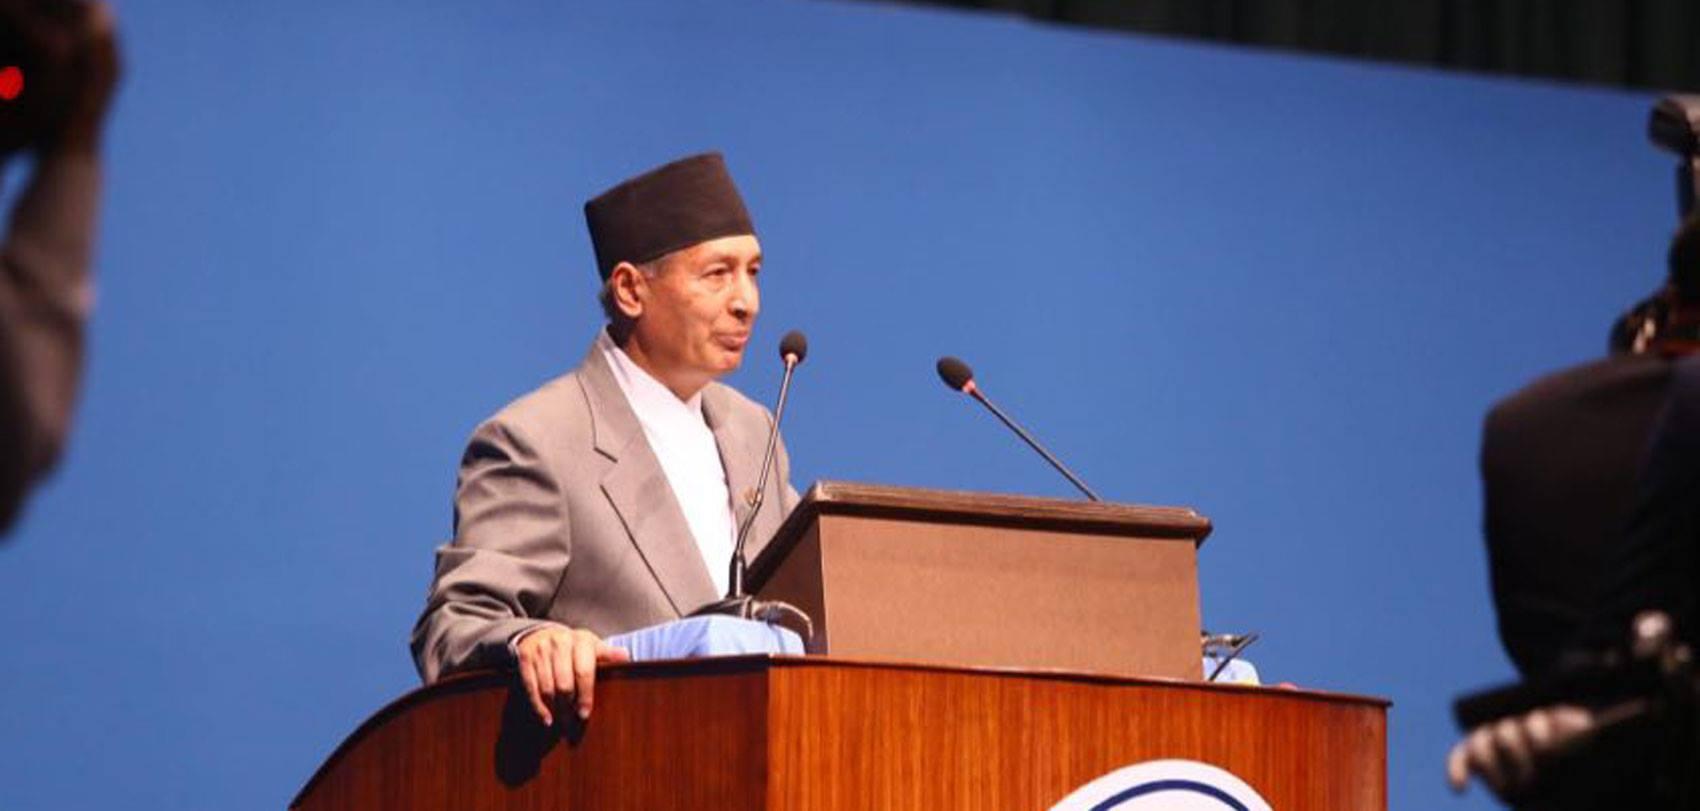 yubaraj khatiwada